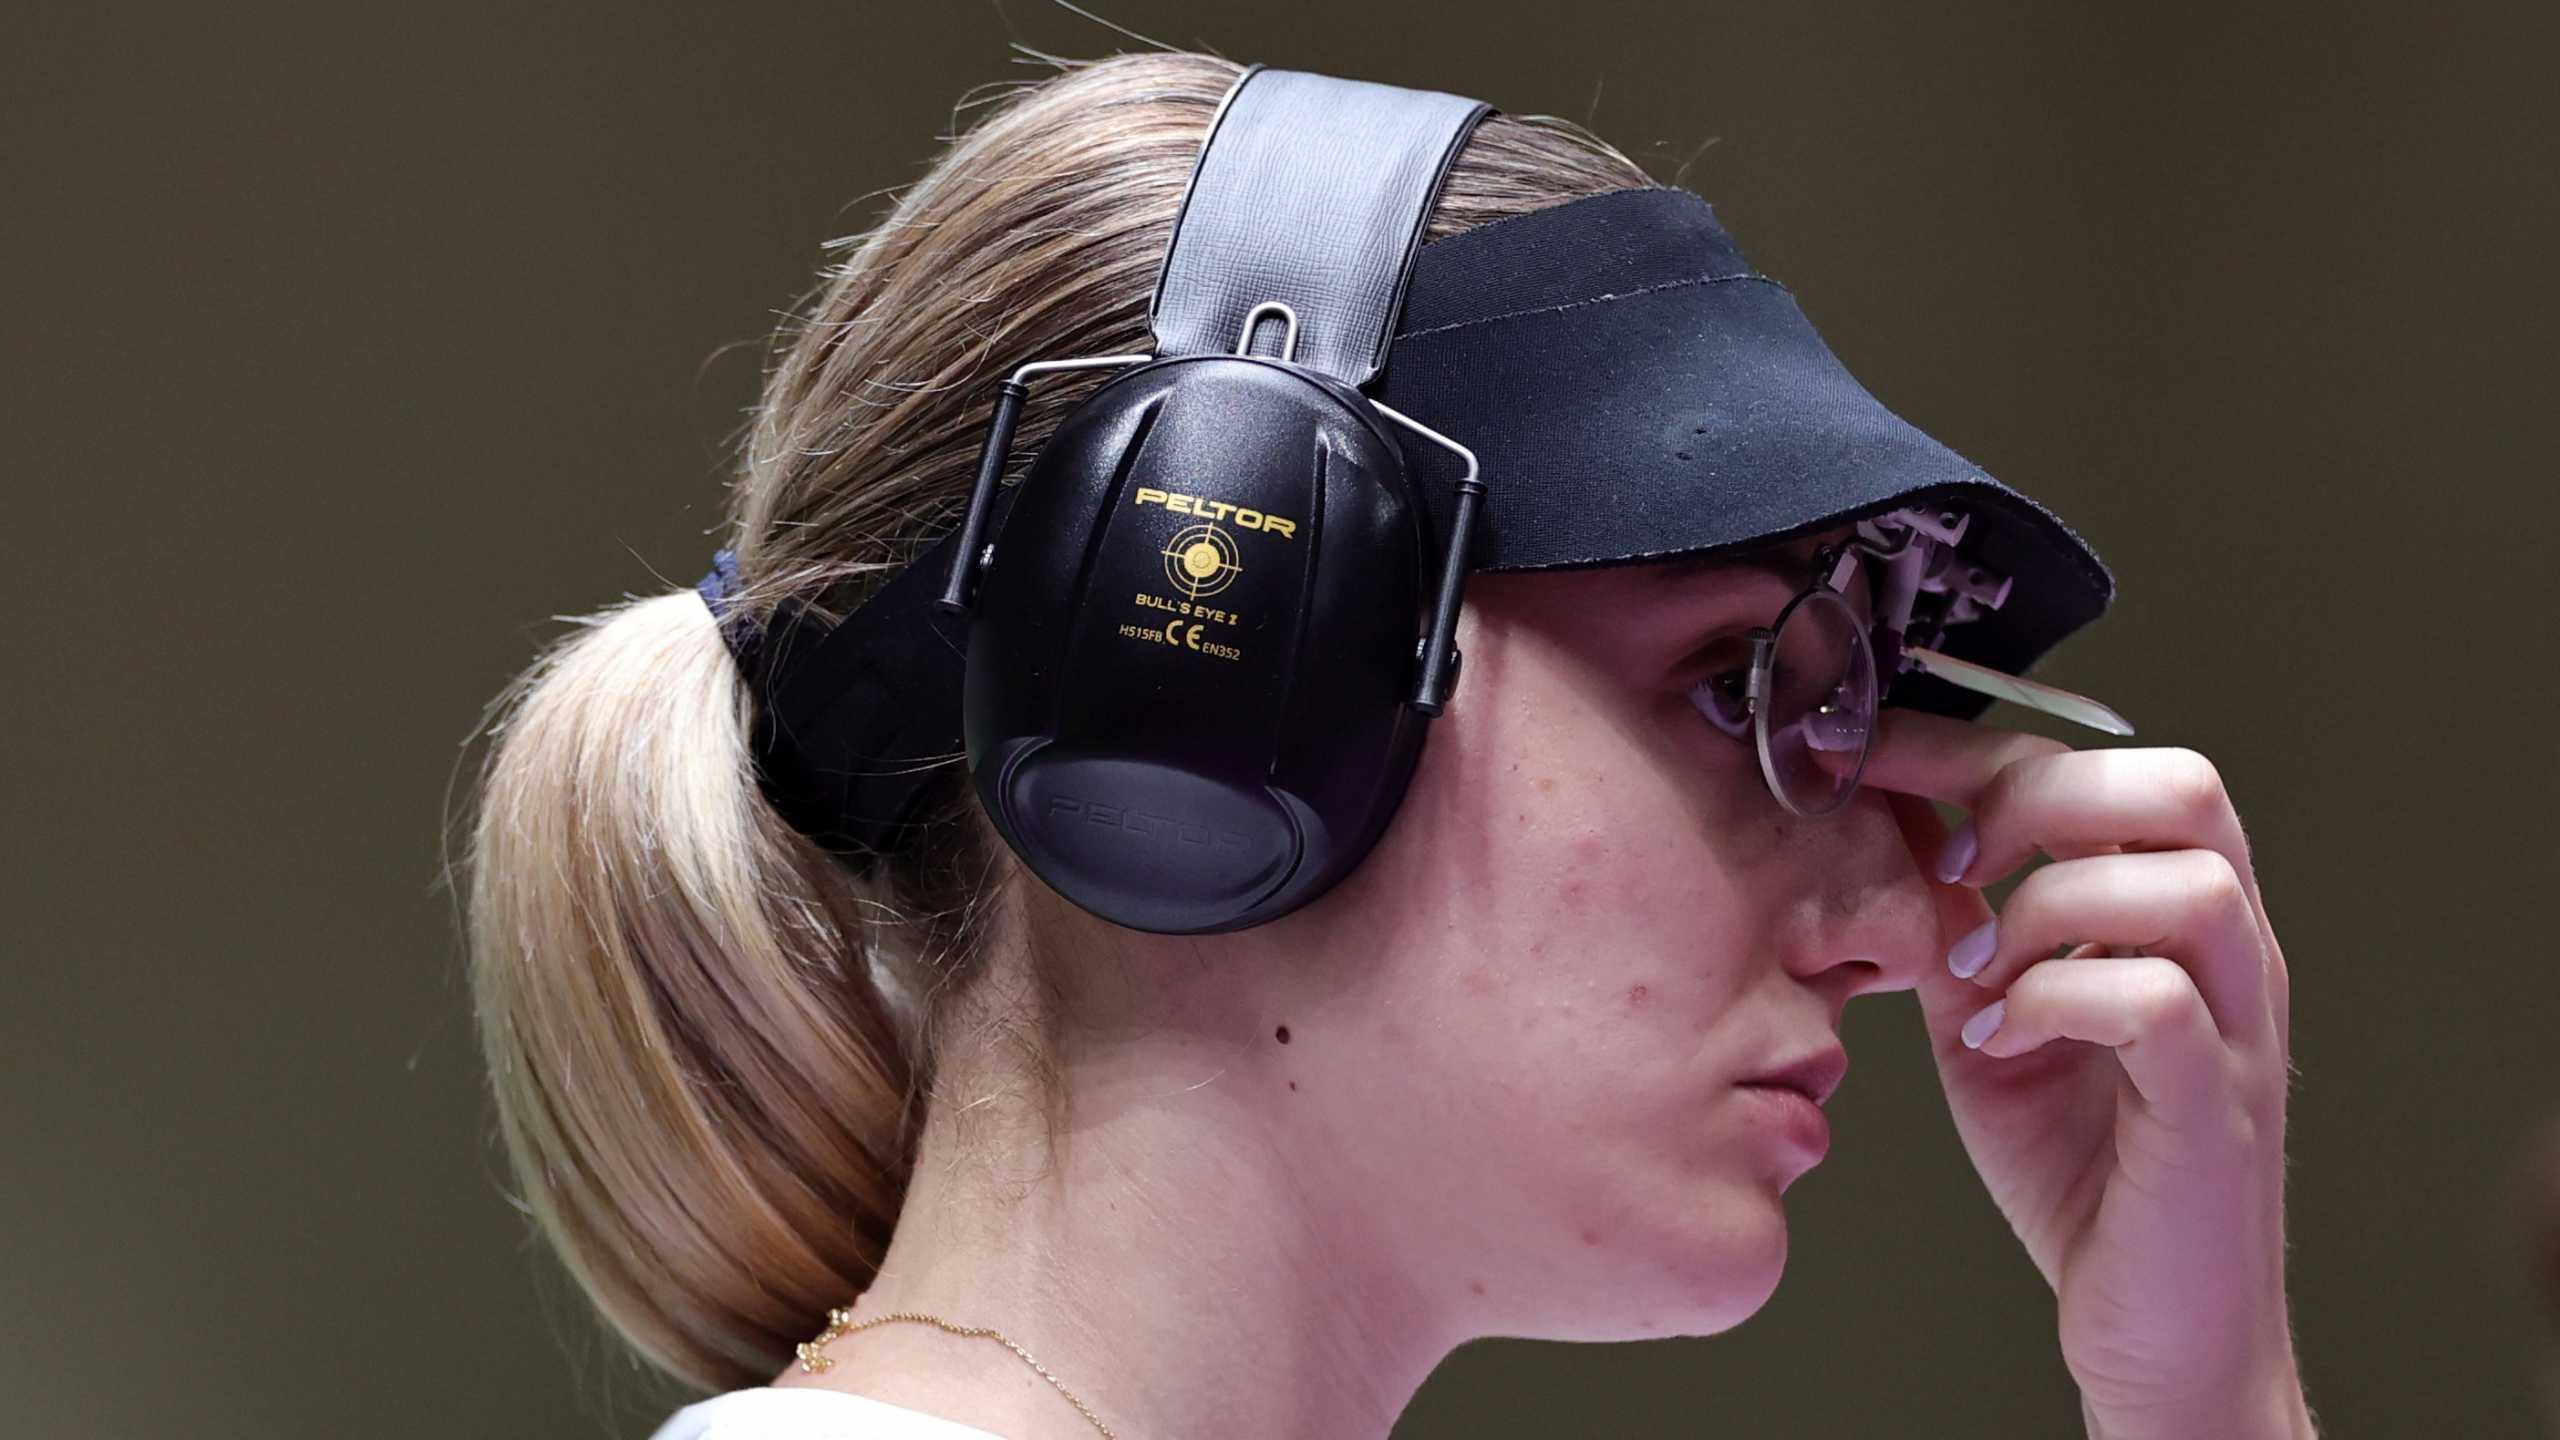 Ολυμπιακοί Αγώνες – Σκοποβολή: Η Άννα Κορακάκη ήταν εξαιρετική στον προκριματικό των 25μ.